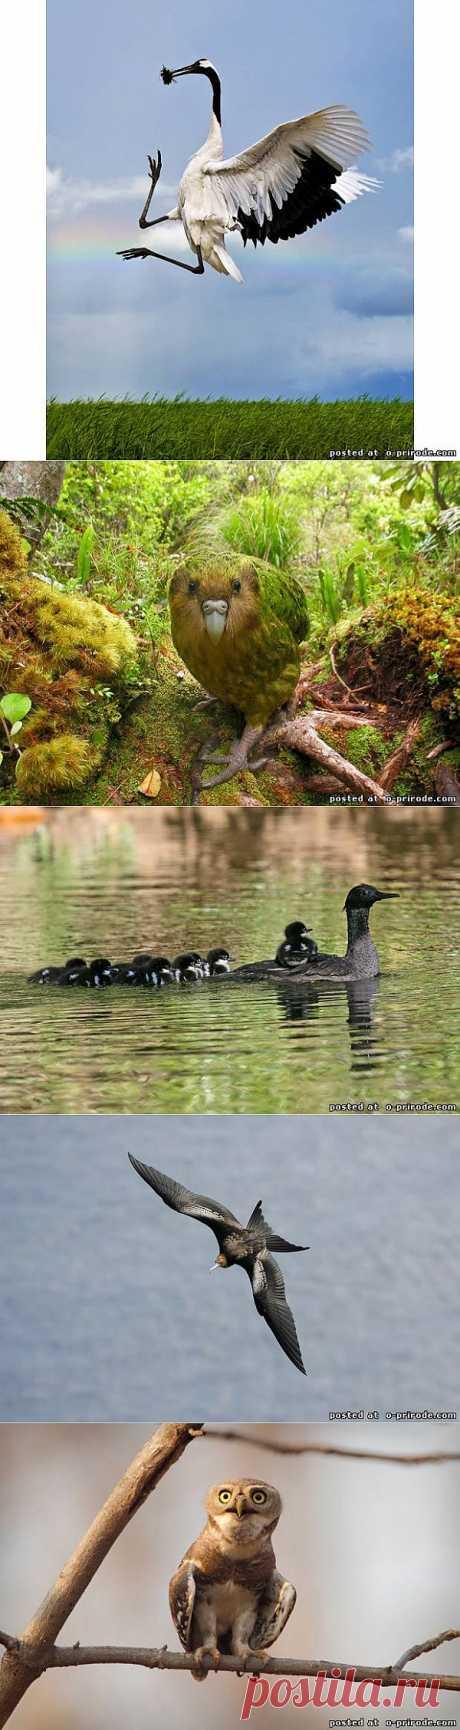 Редкие виды птиц - Фото мир природы